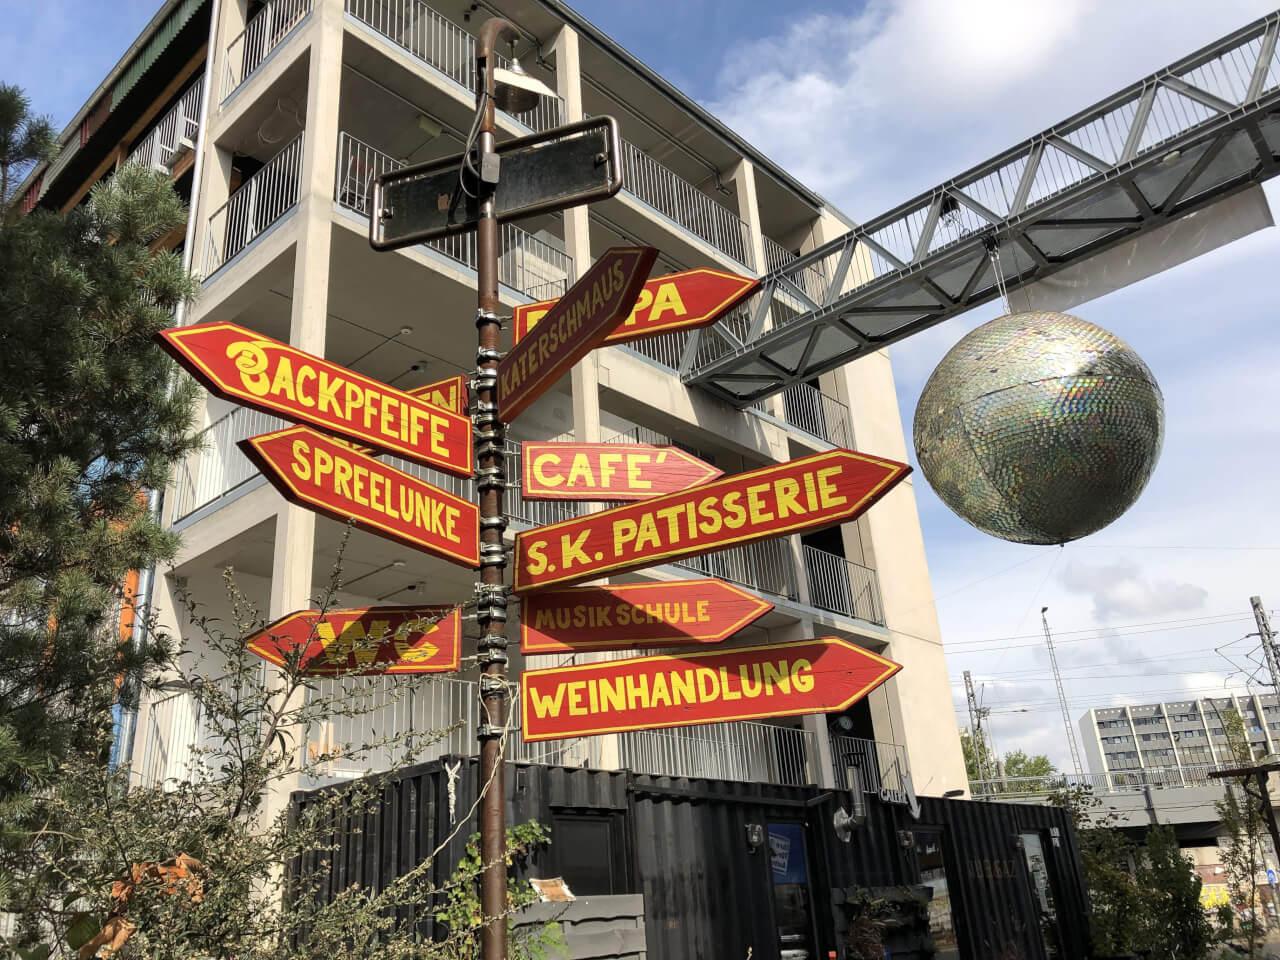 ベルリンの街でデジタルと社会問題について考える ーIFA2019レポート3